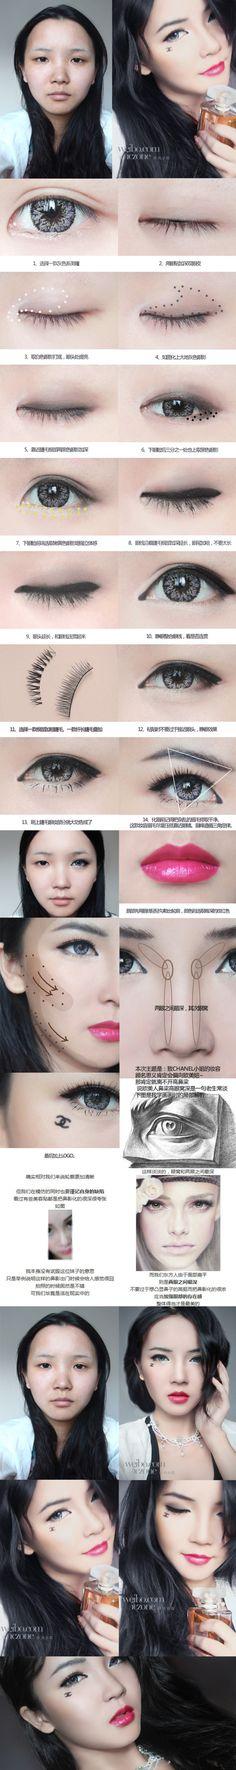 Make Up look for Asian eyes Makeup Inspo, Makeup Inspiration, Makeup Tips, Diy Makeup, Makeup Geek, Make Up Looks, Eyeliner For Big Eyes, Asian Makeup Tutorials, Ulzzang Makeup